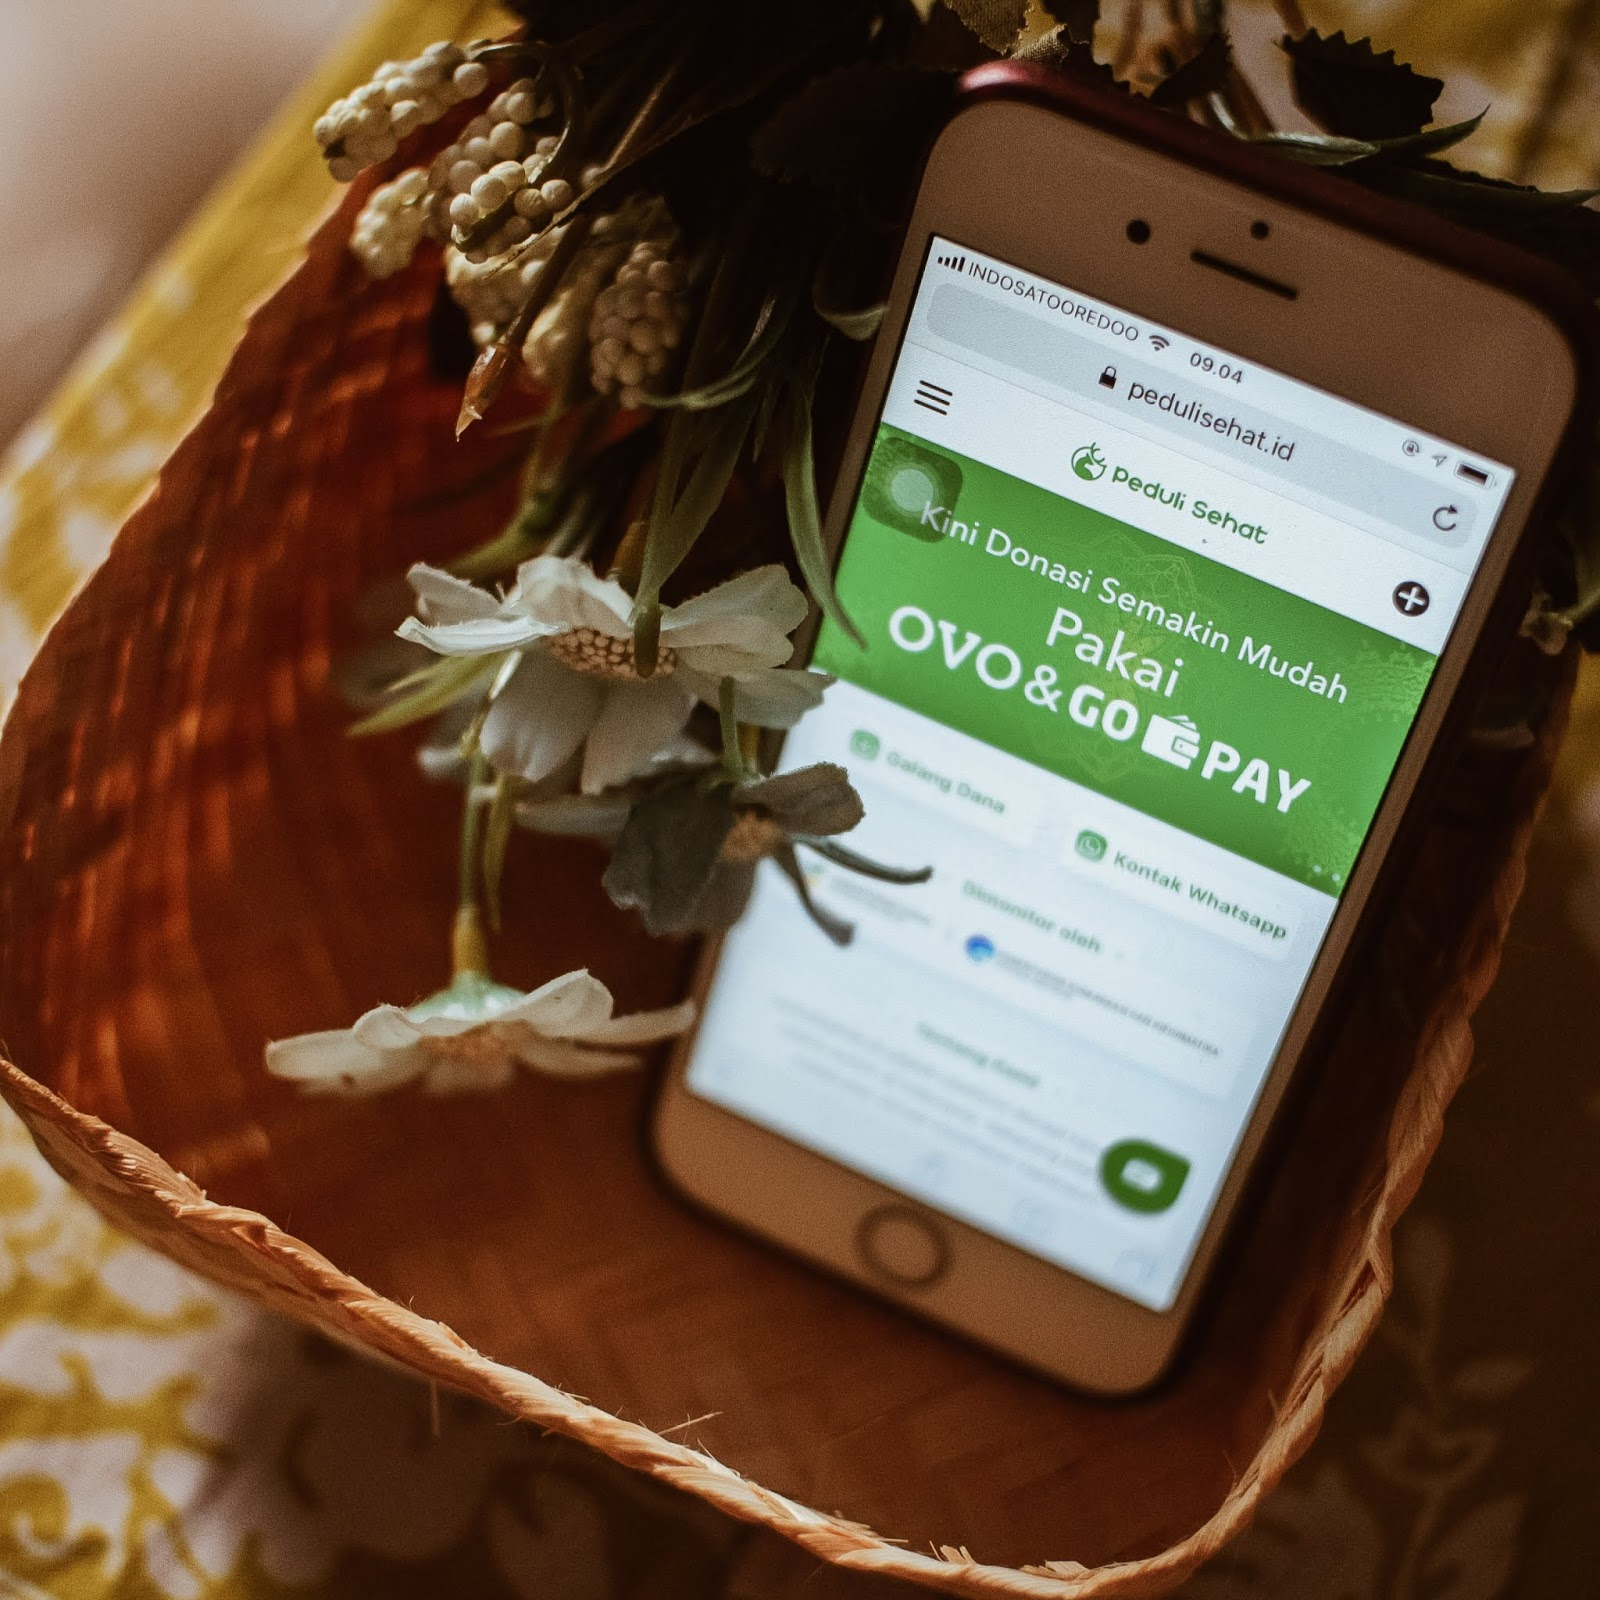 pedulisehat.id platform galang dana online dan donasi kesehatan